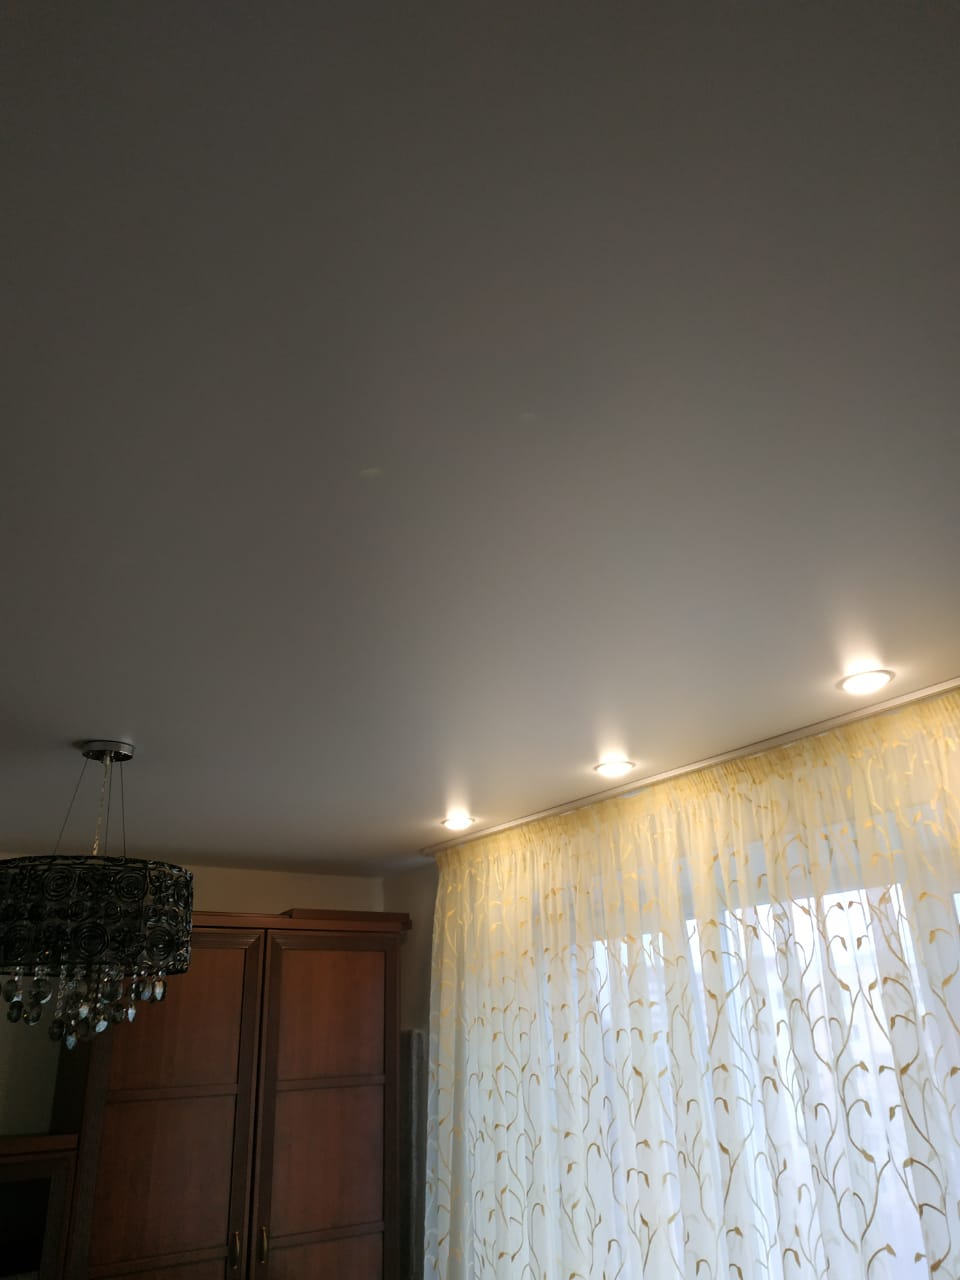 Матовый потолок с потолочным карнизом в зале